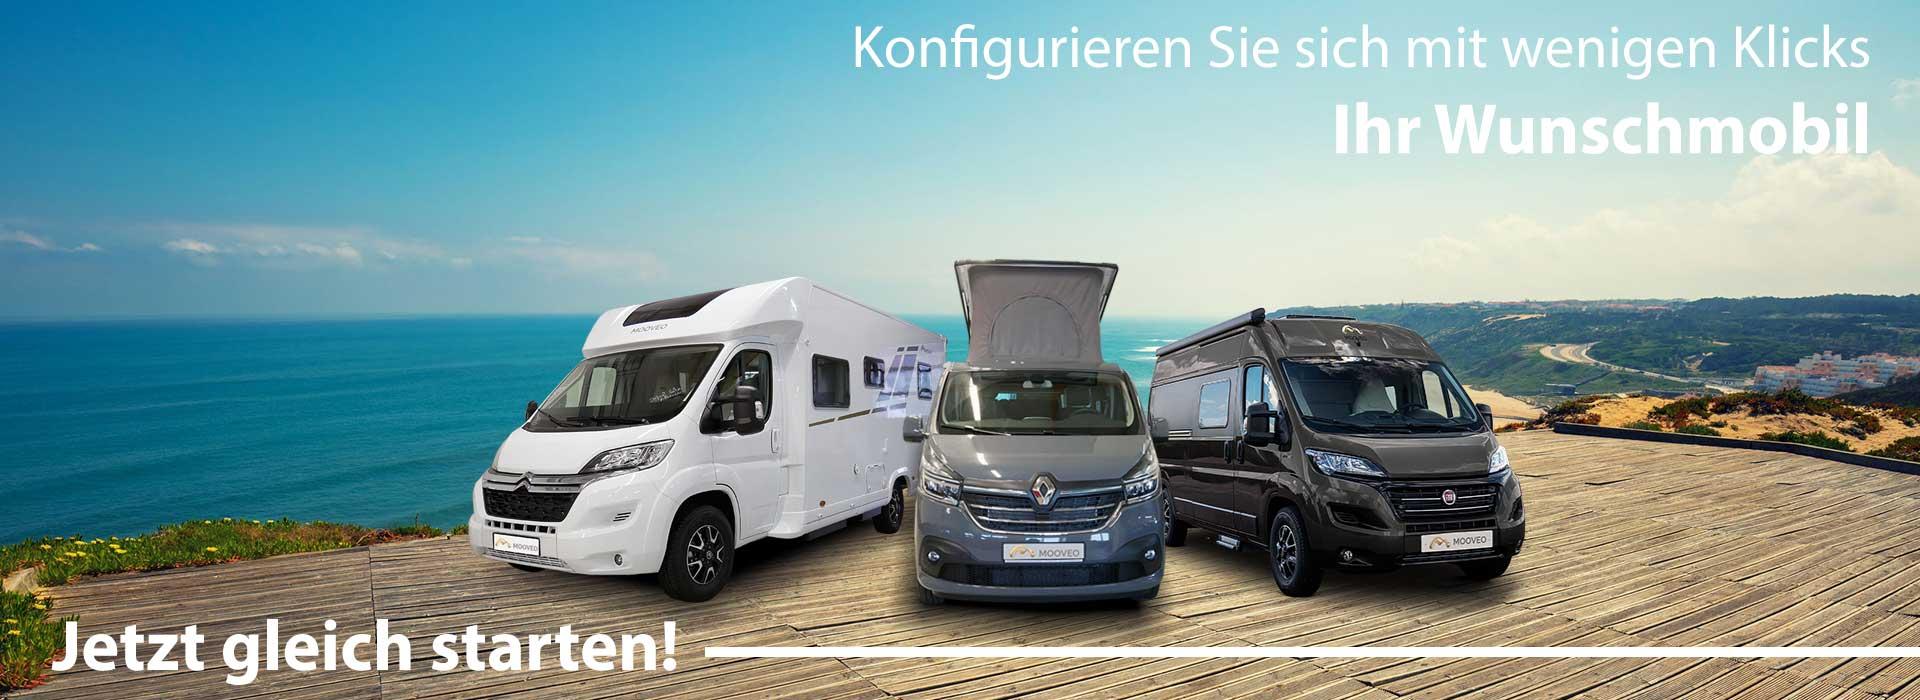 Wohnmobil neu - Mooveo Wohnmobile und Camper Vans neu kaufen